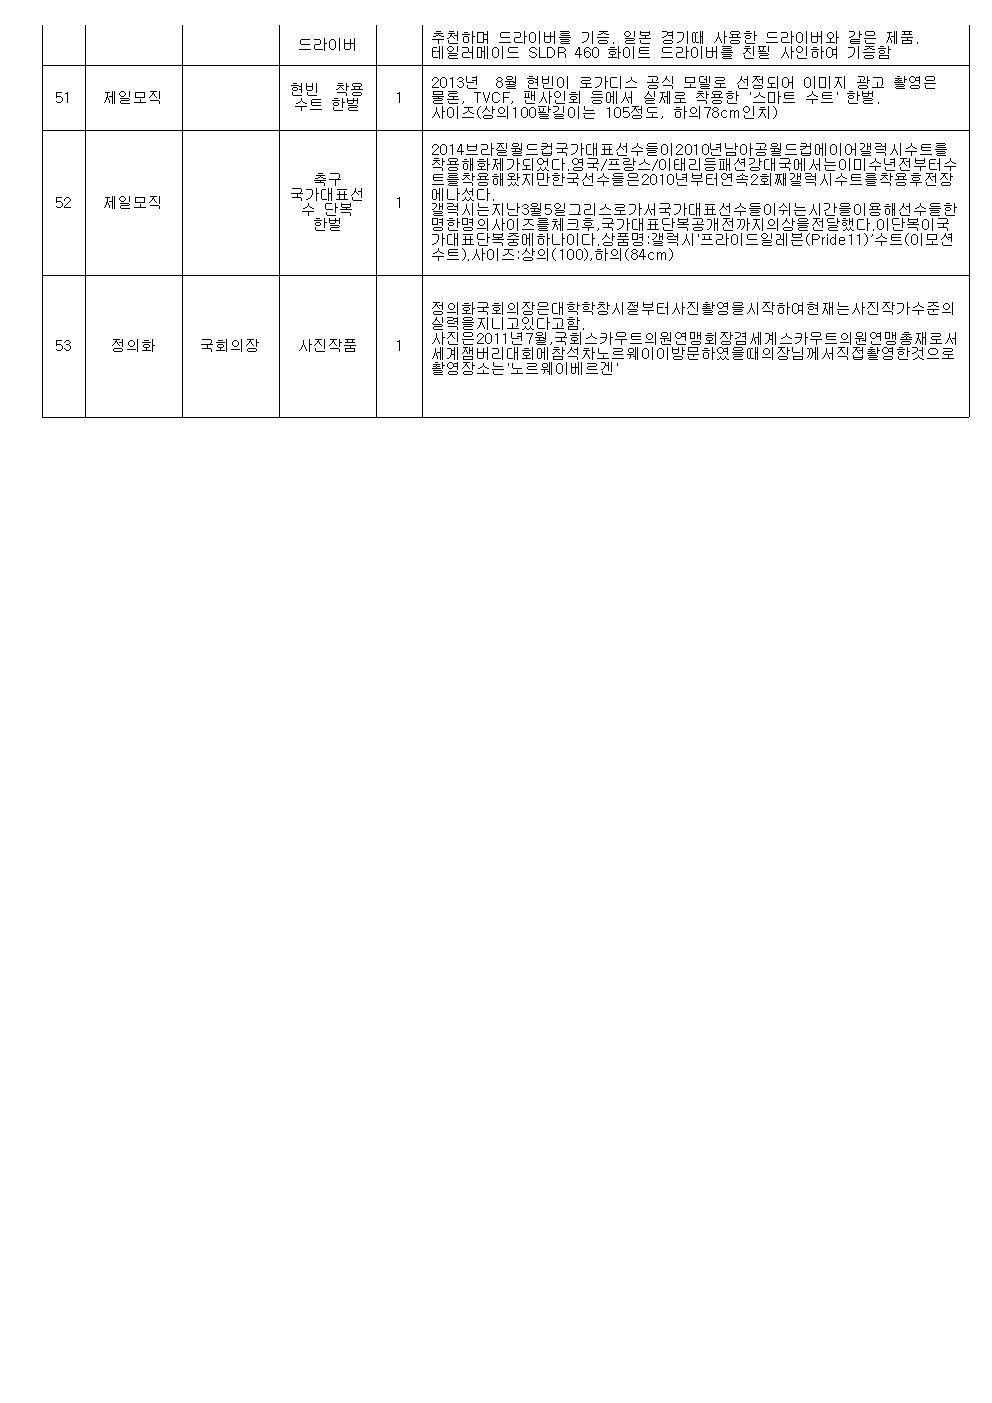 명사기증품 경매 진행순서(최종)006.jpg